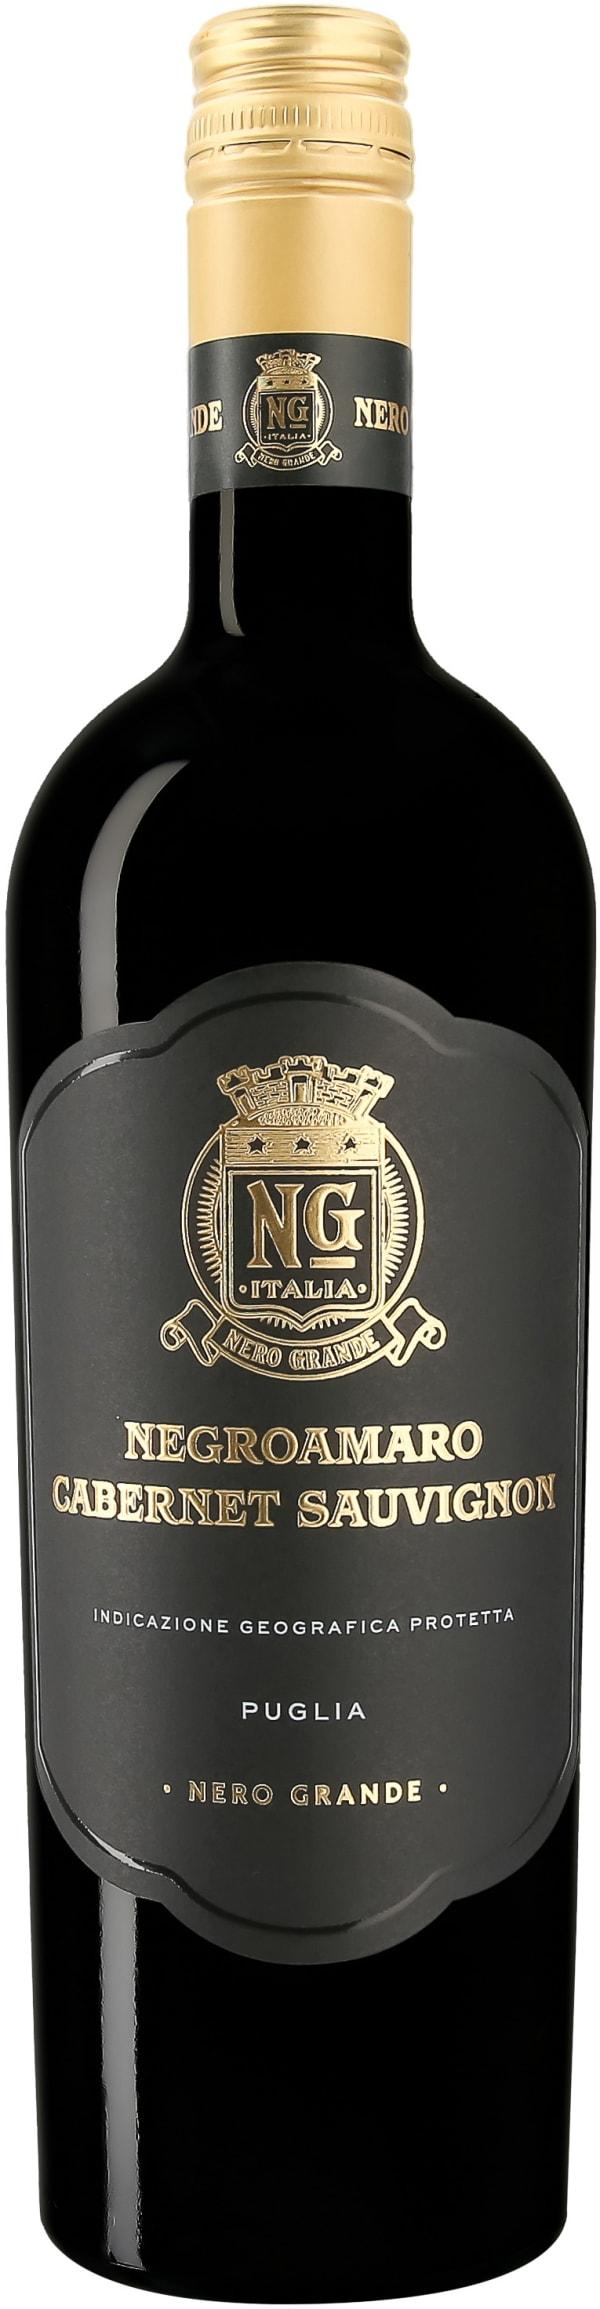 Nero Grande Negroamaro Cabernet Sauvignon 2018